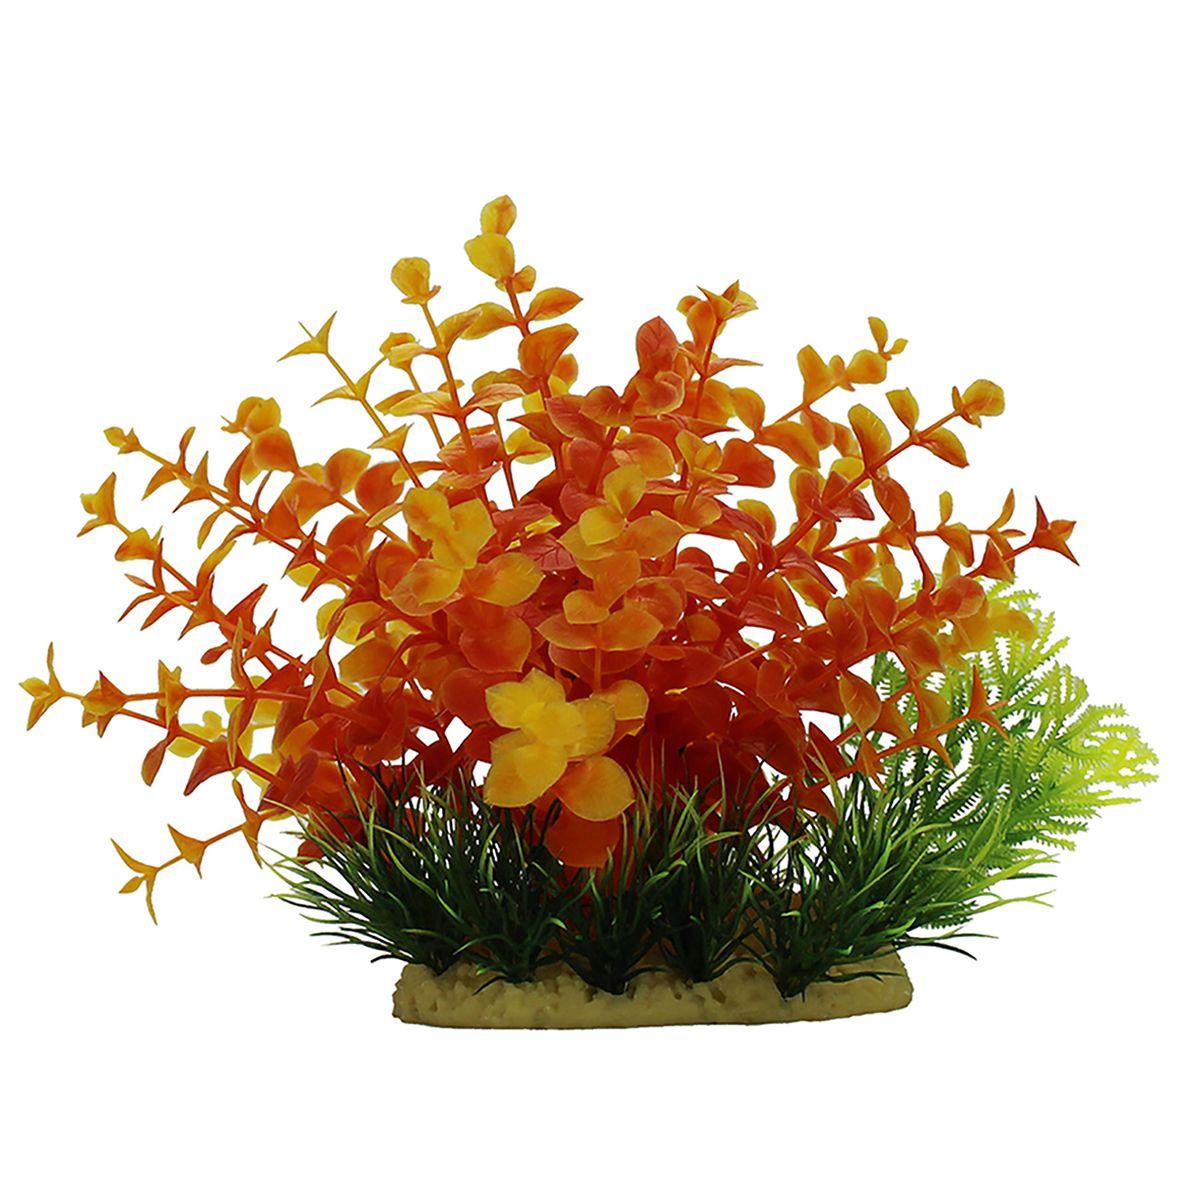 Растение для аквариума ArtUniq Людвигия оранжевая, высота 15 смART-1140105Композиция из искусственных растений ArtUniq превосходно украсит и оживит аквариум.Растения - это важная часть любой композиции, они помогут вдохнуть жизнь в ландшафт любого аквариума или террариума. А их сходствос природными порадует даже самых взыскательных ценителей.